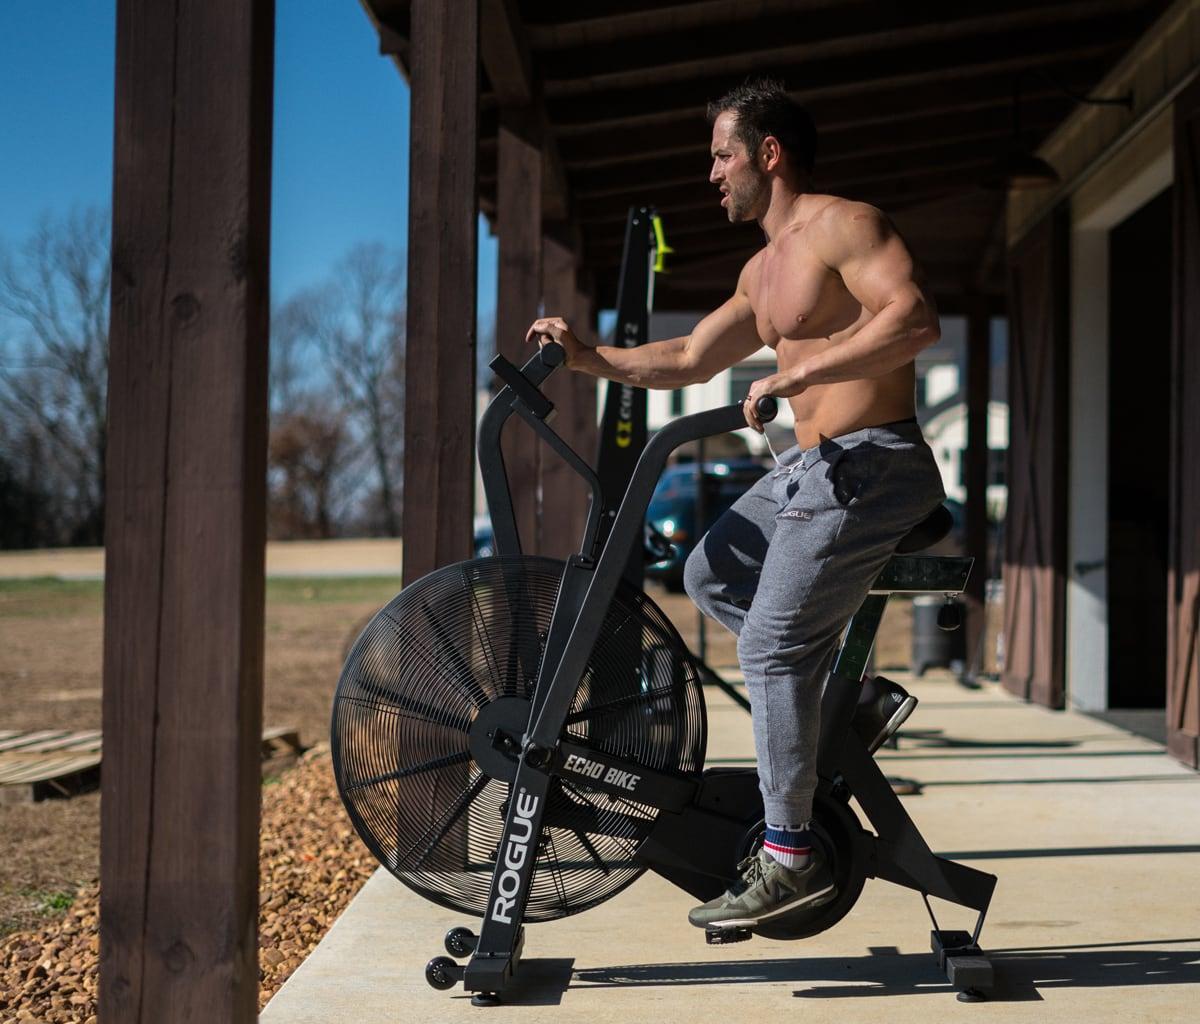 echo-bike-slider-3-new